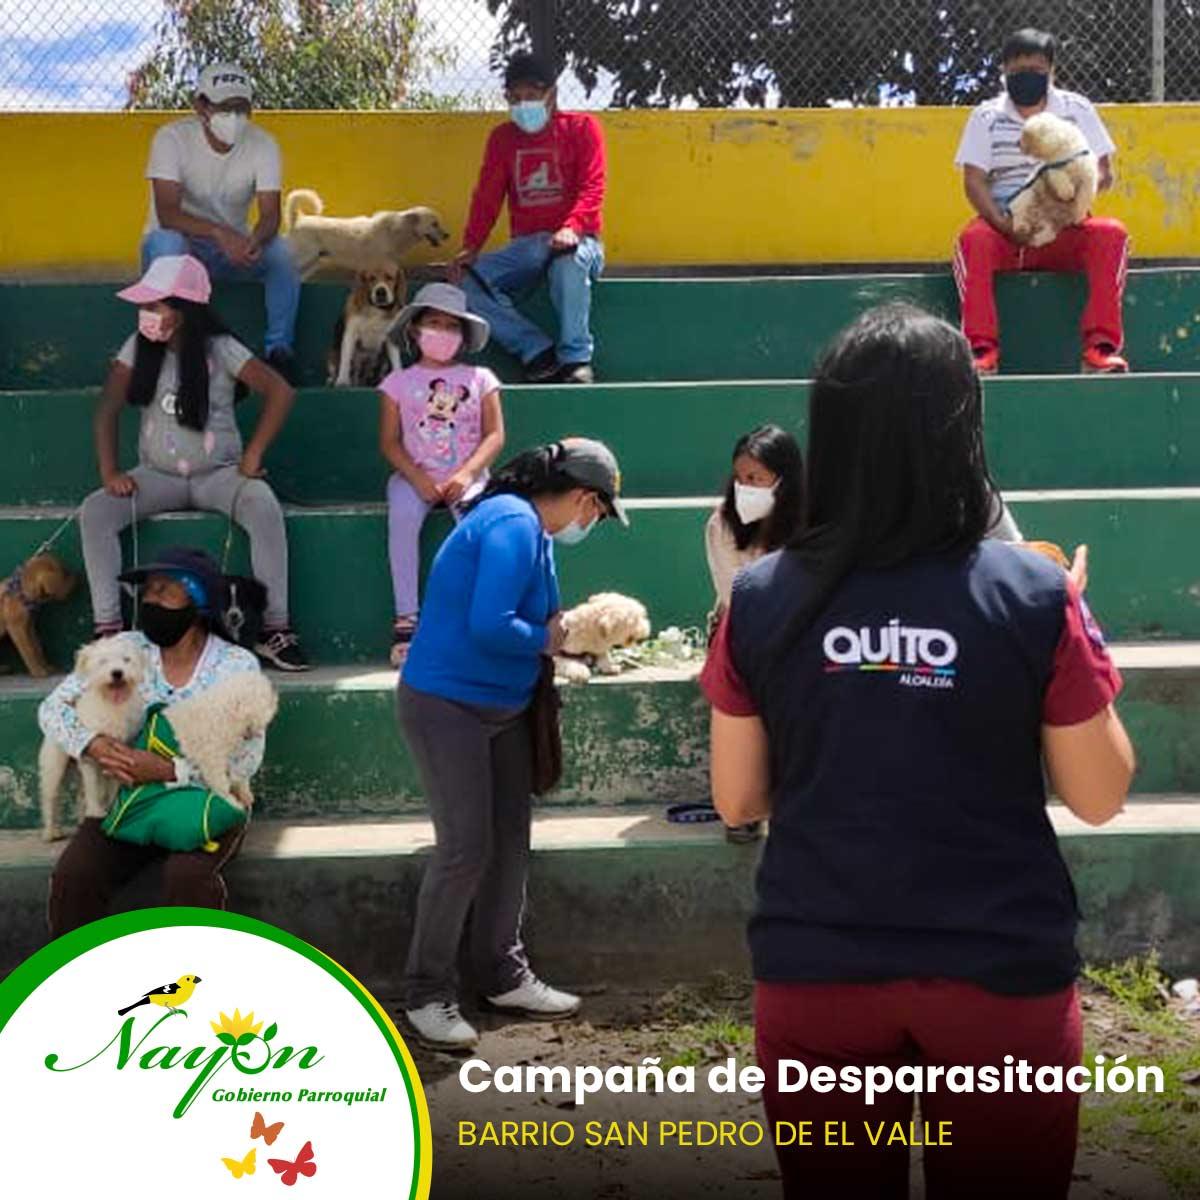 Campaña de Desparasitción - Barrio San Pedro de El Valle y San Vicente